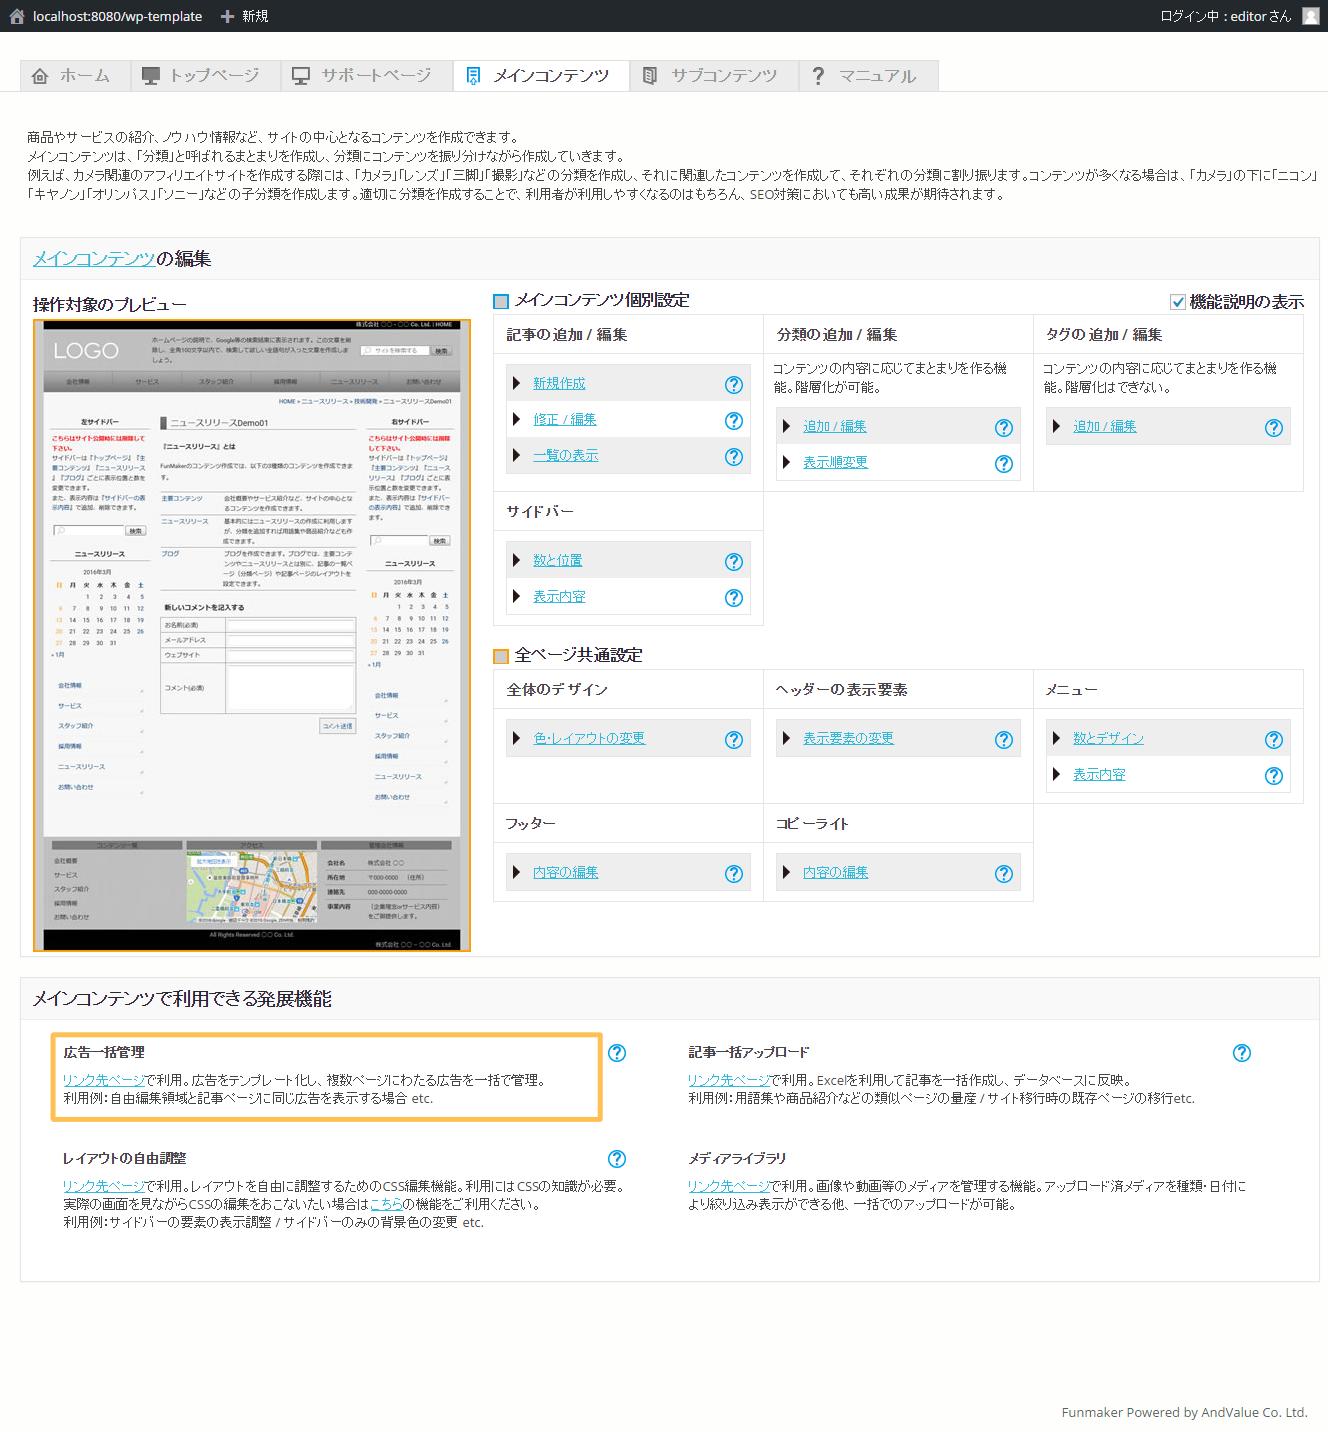 広告一括管理記事へのリンク - 簡単格安ホームページ作成会社 -FunMaker